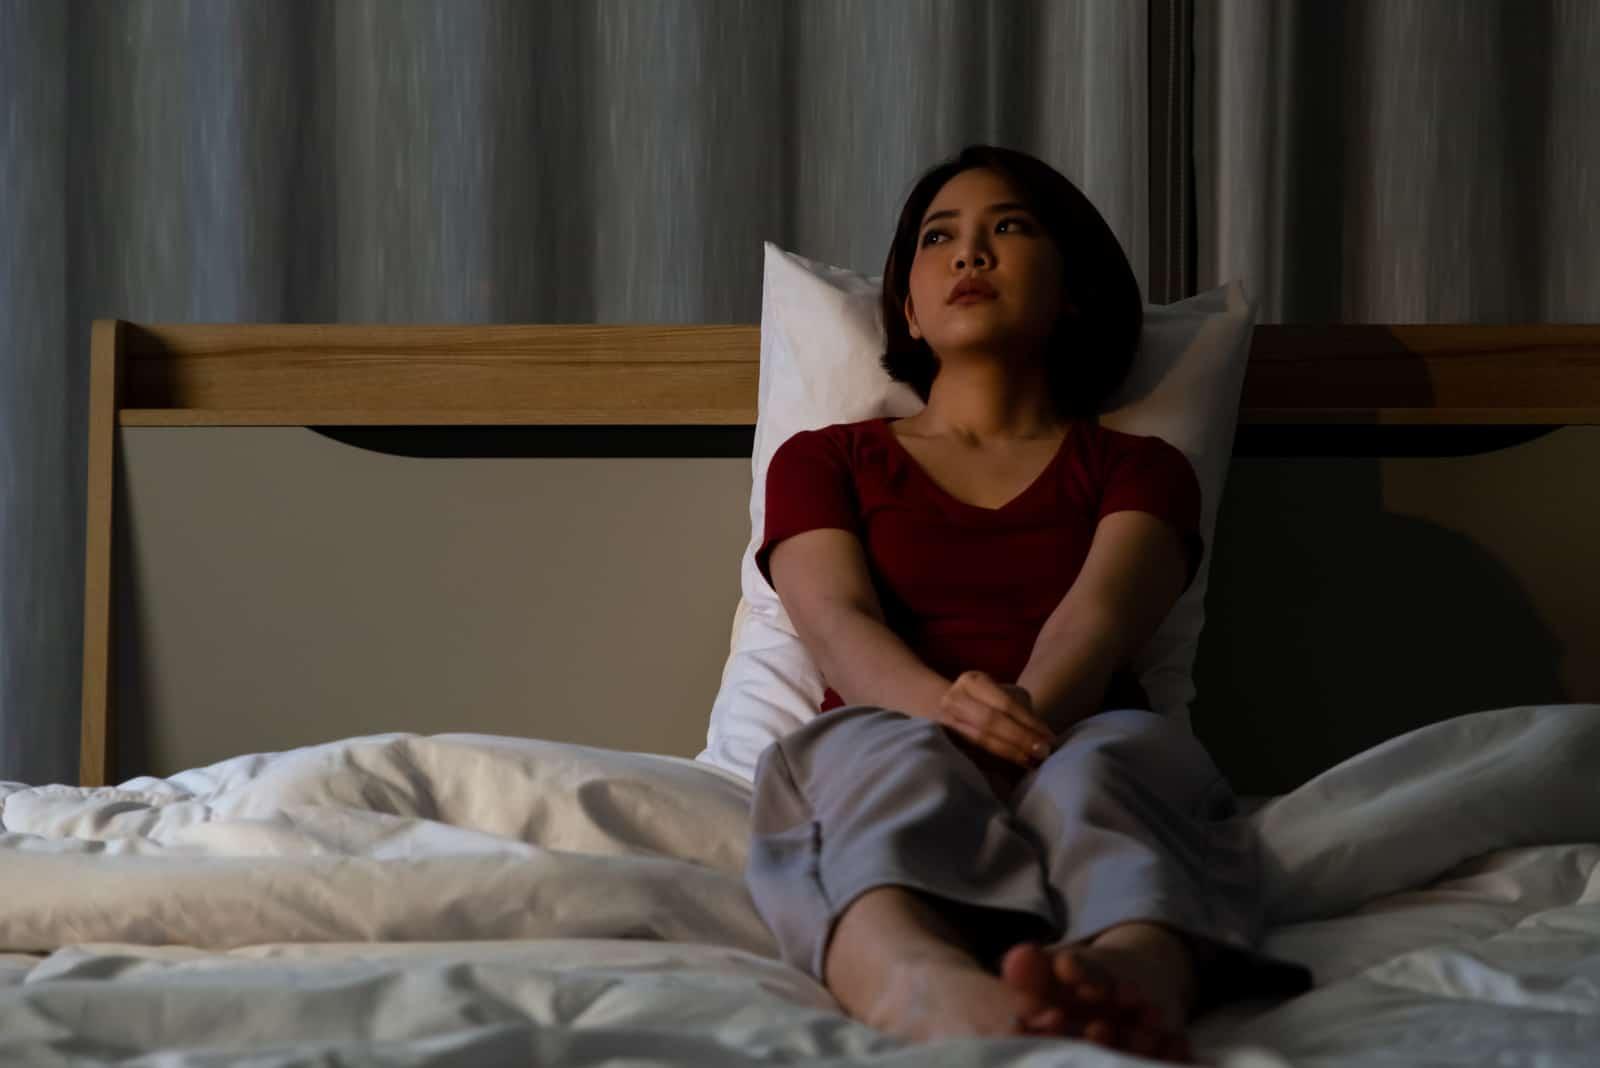 Eine traurige asiatische Frau sitzt auf dem Bett und denkt nach